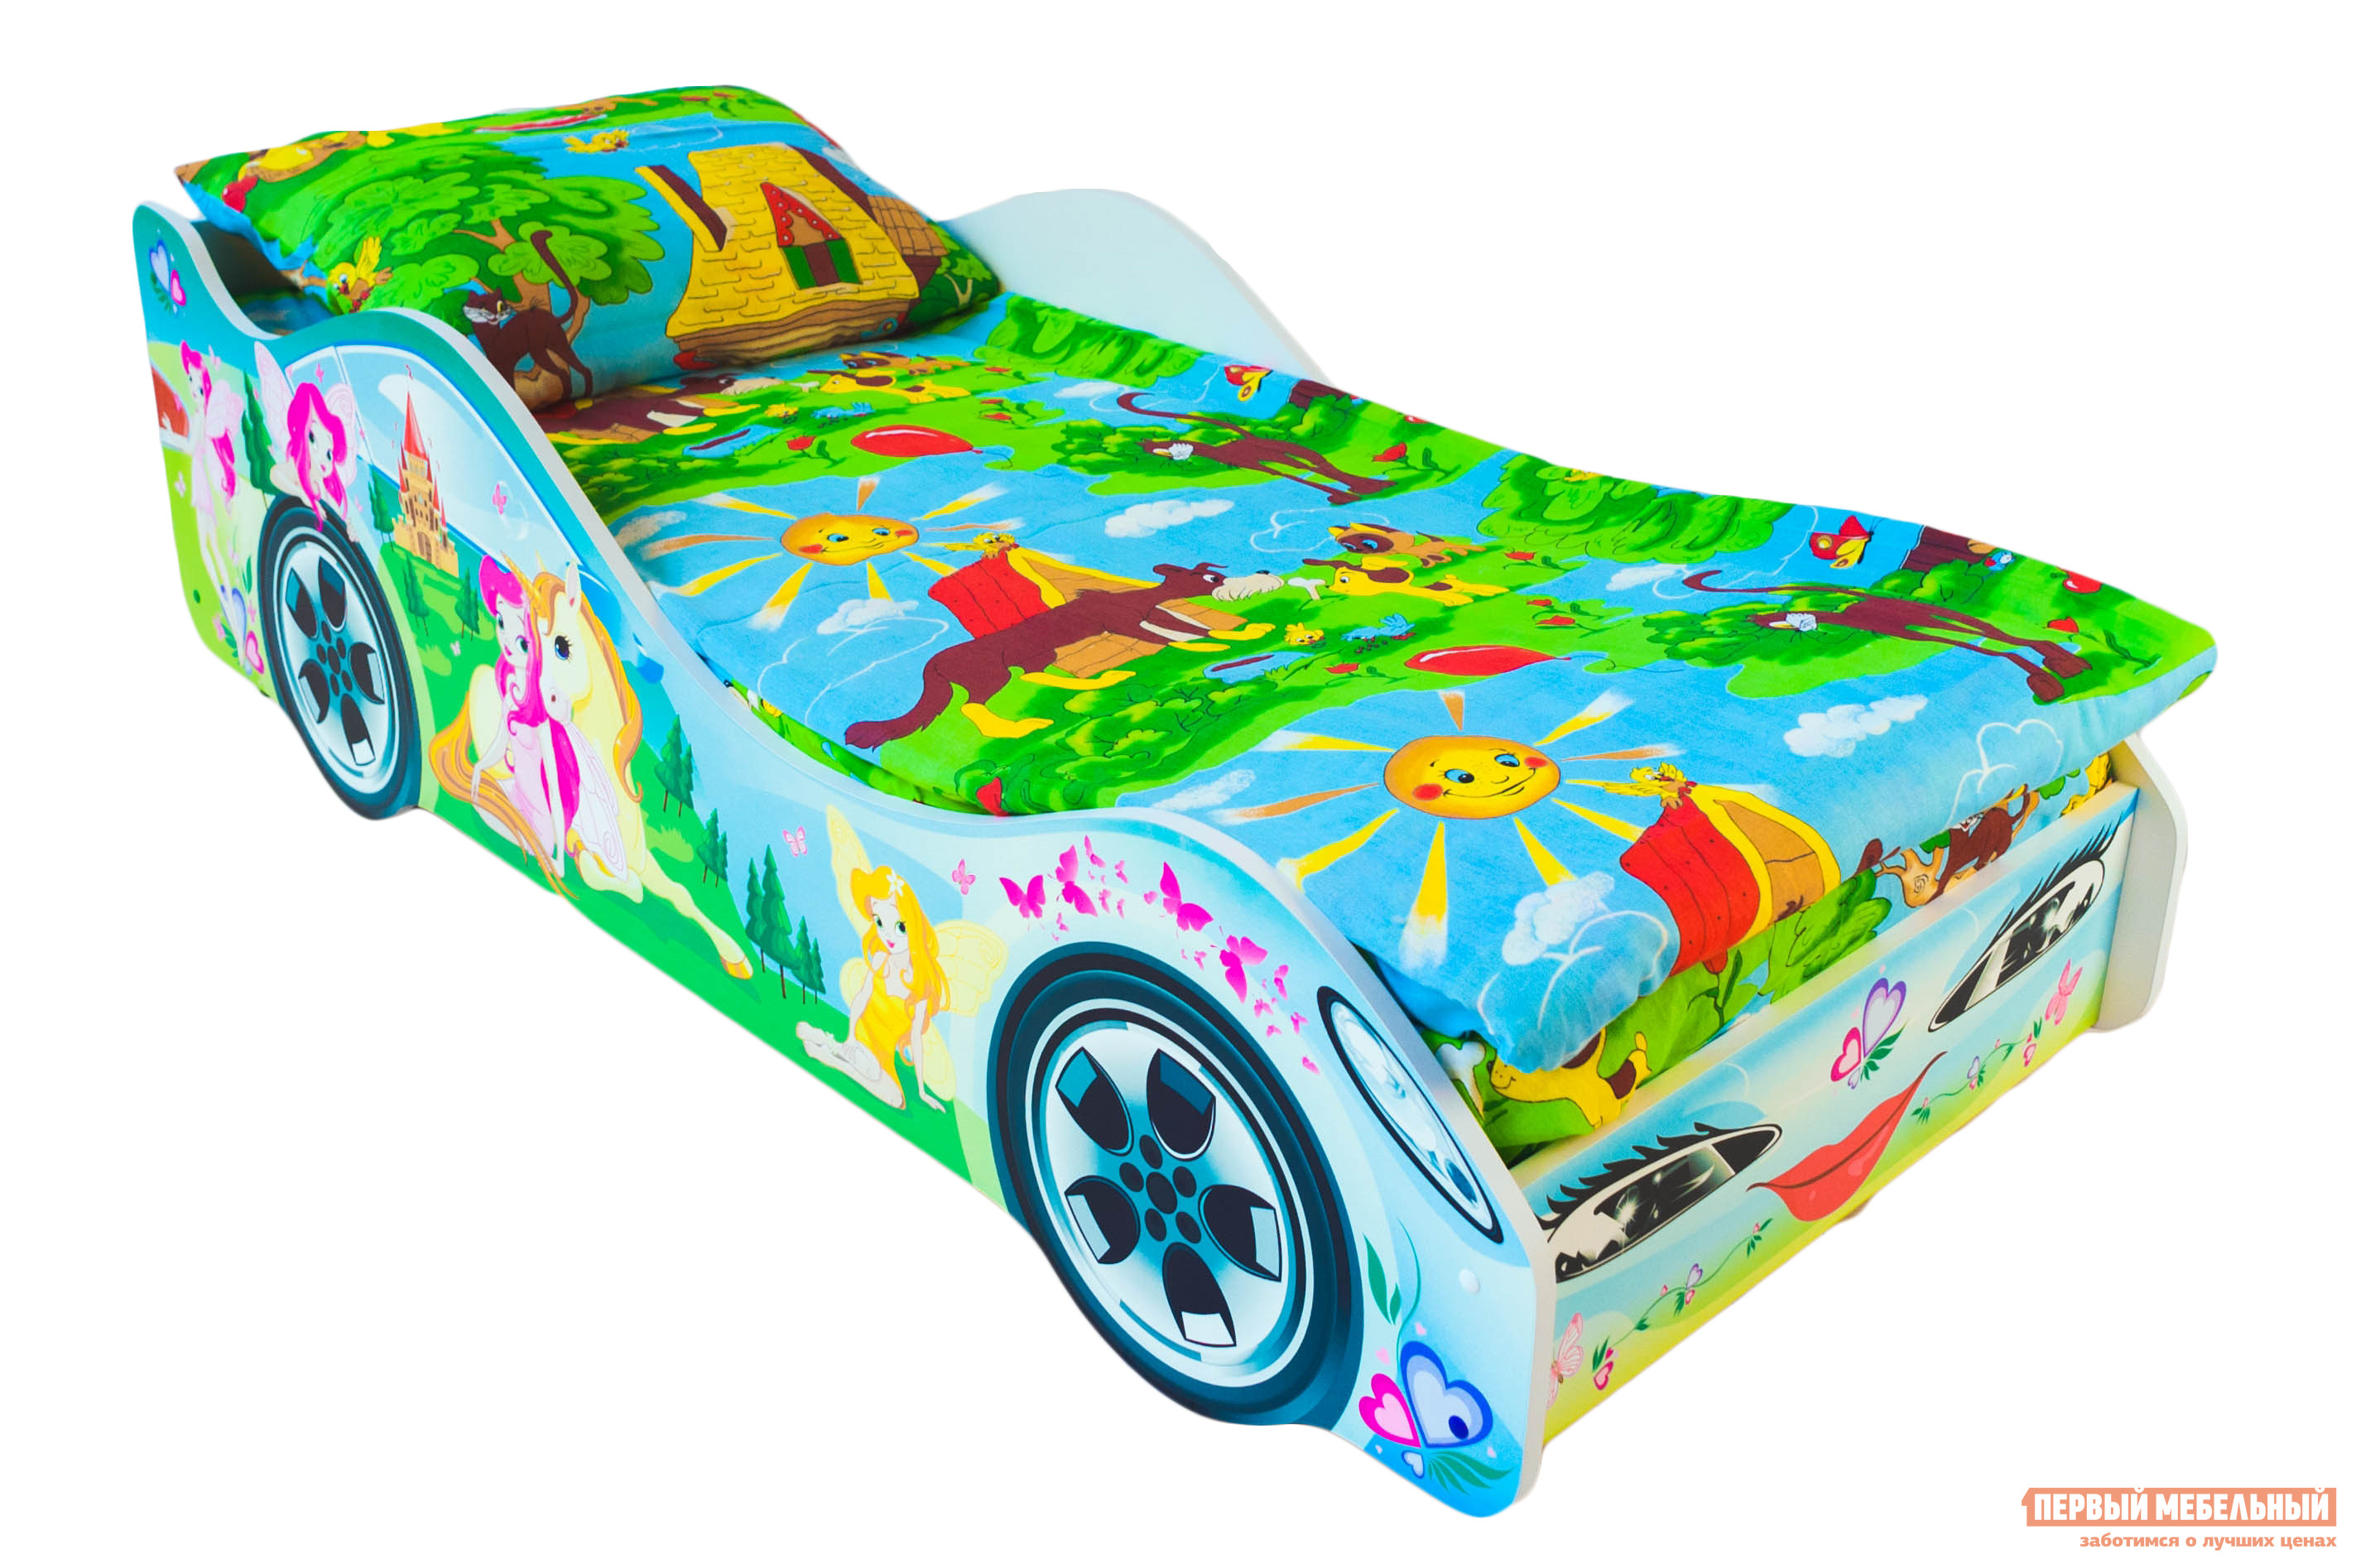 Кровать-машина Бельмарко Принцесса Салатовый, С матрасомКровати-машины<br>Габаритные размеры ВхШхГ 500x750x1700 мм. Кроватка, исполненная в виде автомобиля с ярким принтом не оставит равнодушной ни одну принцессу. Размер спального места составляет 700х1600 мм. Боковые линии кровати позволяют взрослому удобно сидеть, пока ребенок засыпает, при этом малыш никогда не упадет во сне. Модель очень легко собирается в течении 10 минут. Основание под матрас — деревянные прочные латы, выдерживающие нагрузку до 200 кг.  Латы позволяют матрасу «дышать», если он намокнет — достаточно его перевернуть и он высохнет. Материал изготовления — ЛДСП класса E1 с прямой ультрафиолетовой печатью, что обеспечивает долговечность и безопасность в эксплуатации. Обратите внимание! Необходимо выбрать комплектацию: с матрасом или без. Также вы можете дополнительно заказать светодиодную подсветку дна кровати и пластиковые объемные колеса, с которыми вы можете более подробно ознакомиться во вкладке «Аксессуары».<br><br>Цвет: Салатовый<br>Цвет: Зеленый<br>Высота мм: 500<br>Ширина мм: 750<br>Глубина мм: 1700<br>Кол-во упаковок: 2<br>Форма поставки: В разобранном виде<br>Срок гарантии: 1 год<br>Материал: Деревянные, из ЛДСП<br>Особенности: С бортиками, С колесами, С матрасом, С подсветкой<br>Возраст: От 3-х лет<br>Пол: Для девочек